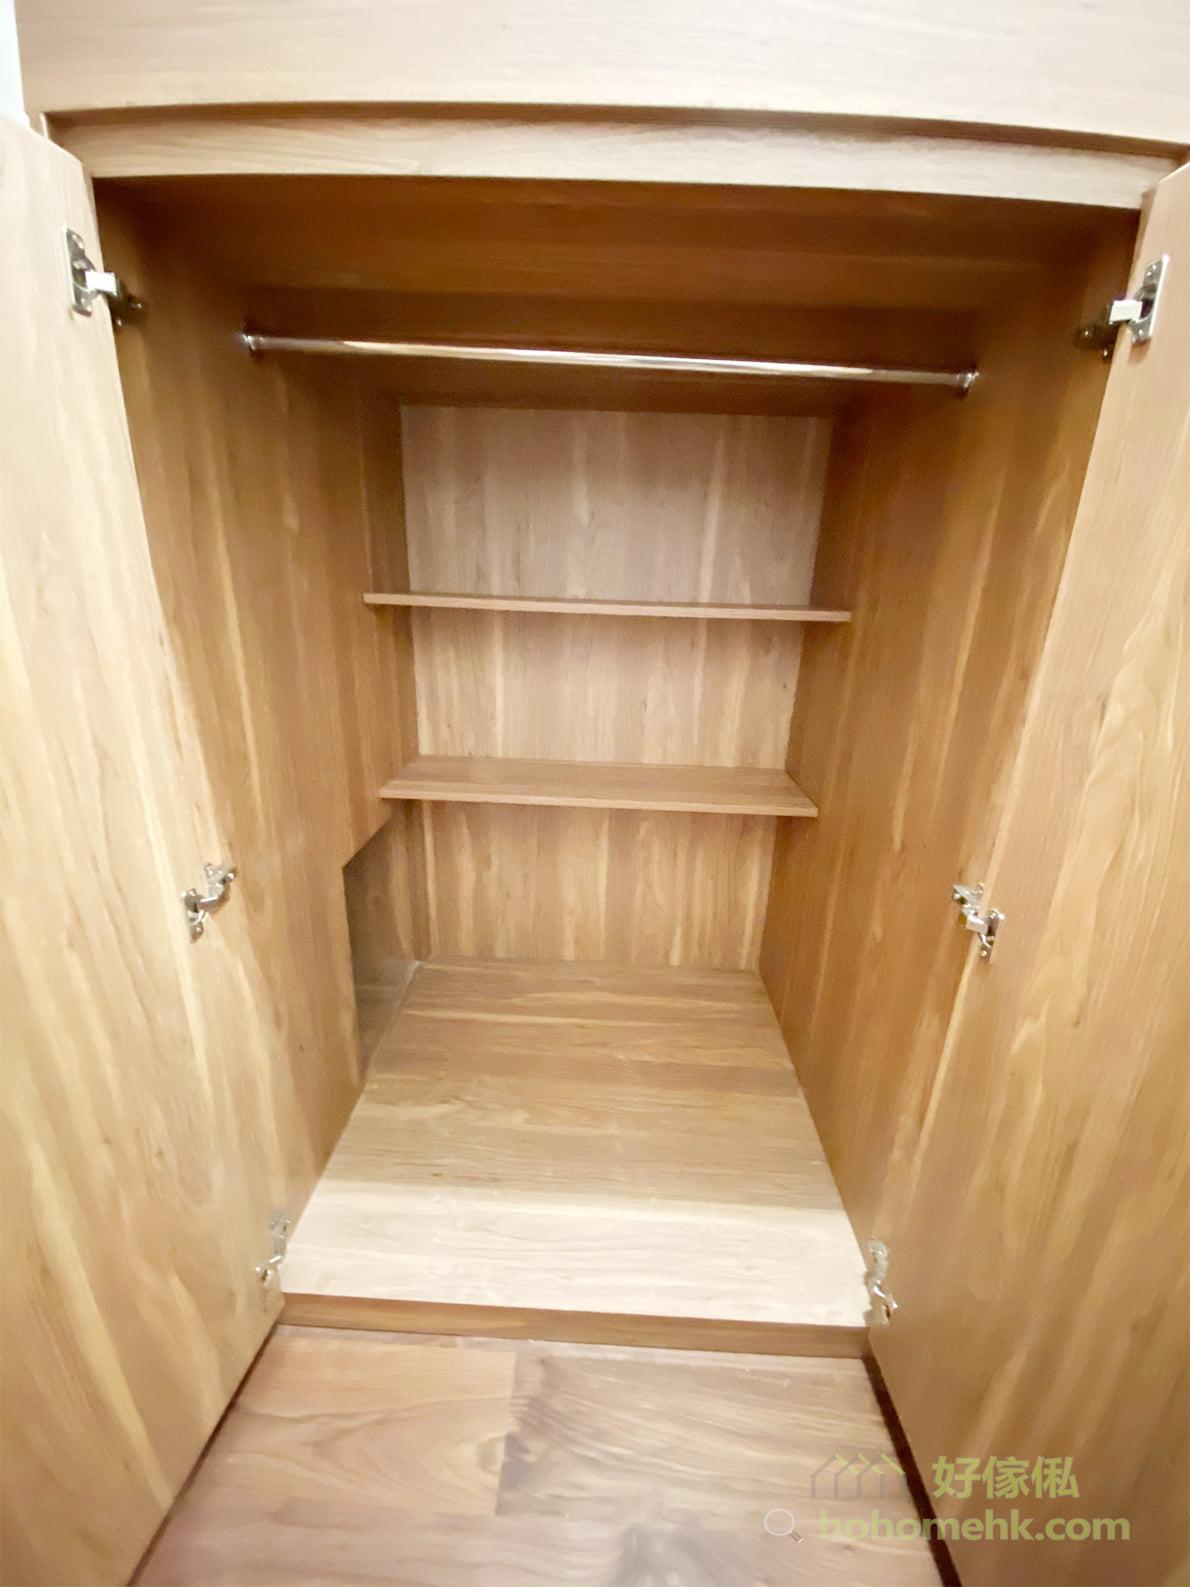 衣櫃前後分層,前面掛衣,後面放層板,令空間更實用